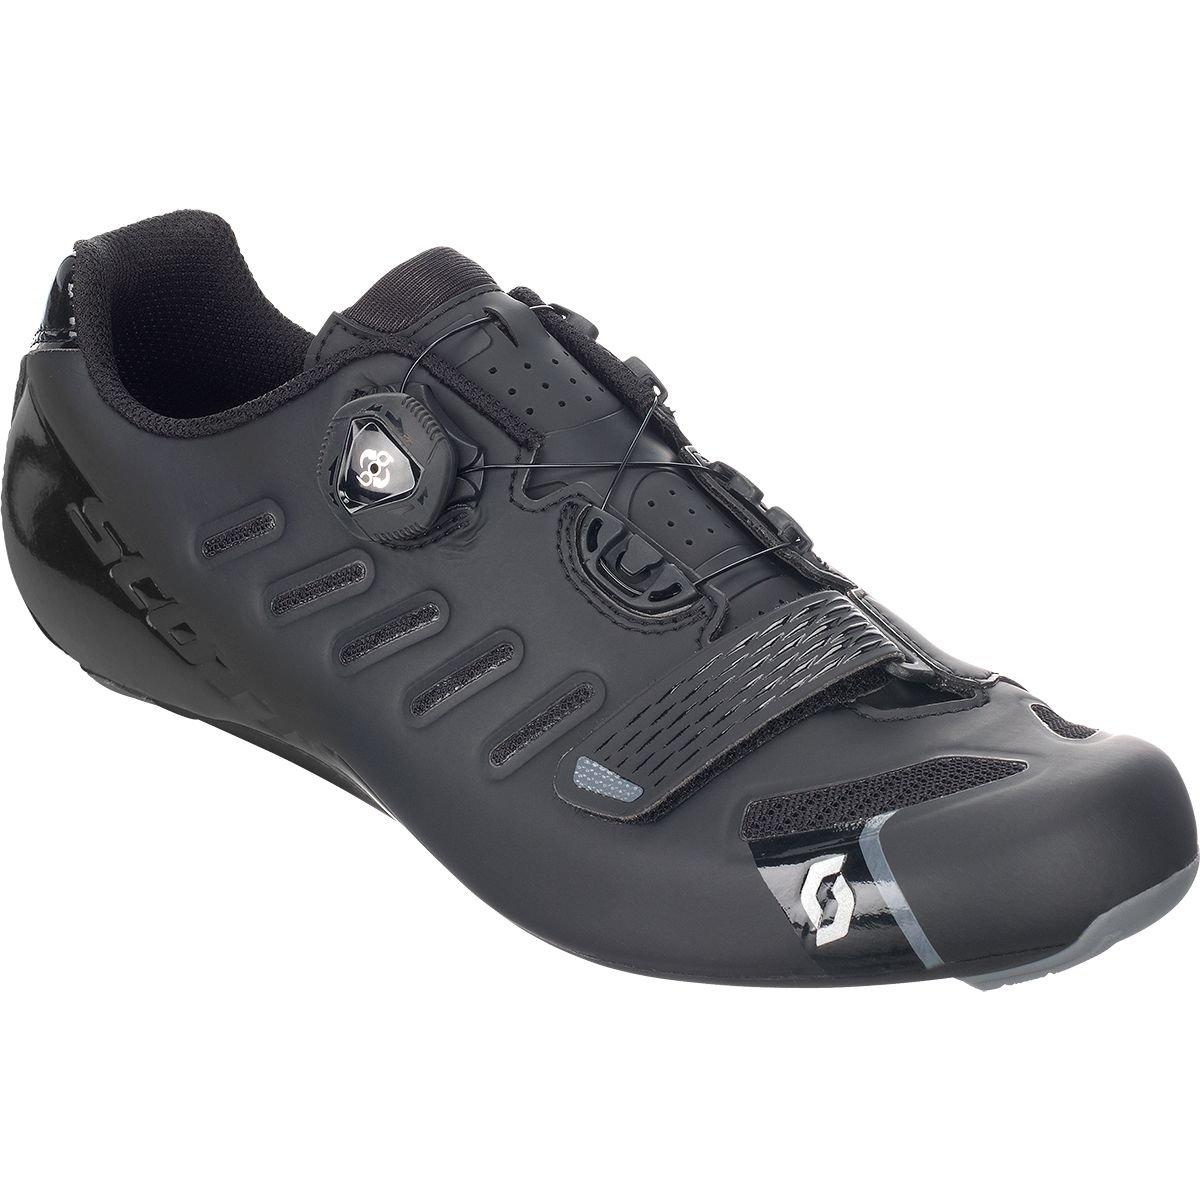 【国内正規総代理店アイテム】 (スコット) Scott Road Team Black/Gloss BOA (スコット) Shoe メンズ ロードバイクシューズMatte Black Black/Gloss/Gloss Black [並行輸入品] 日本サイズ 31cm (48) Matte Black/Gloss Black B07J262S65, レインボー家電:95fa617b --- by.specpricep.ru